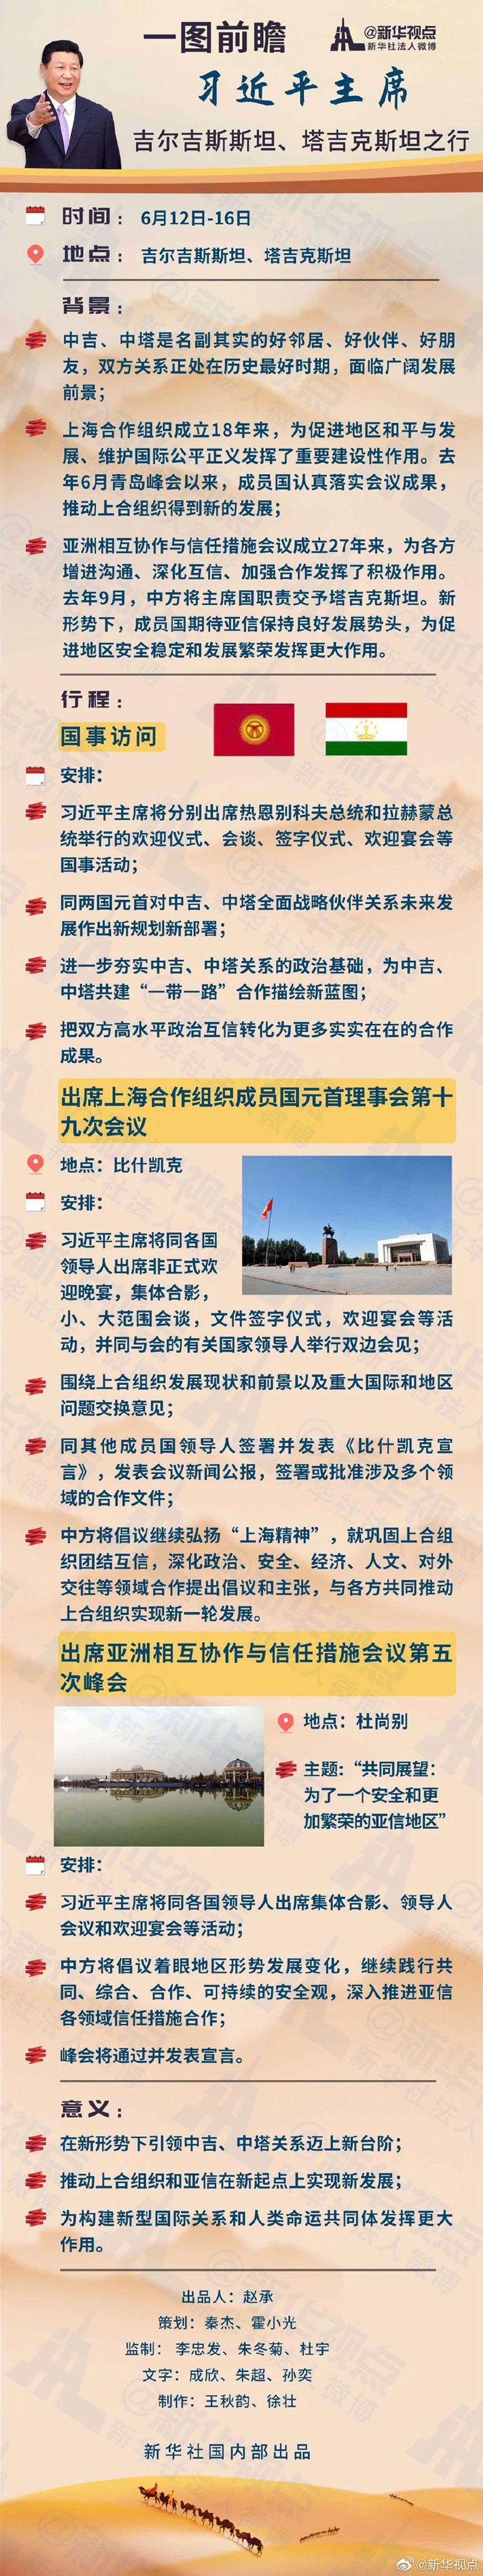 缔造奇迹东风队成首支登上总冠军领奖台中国船队